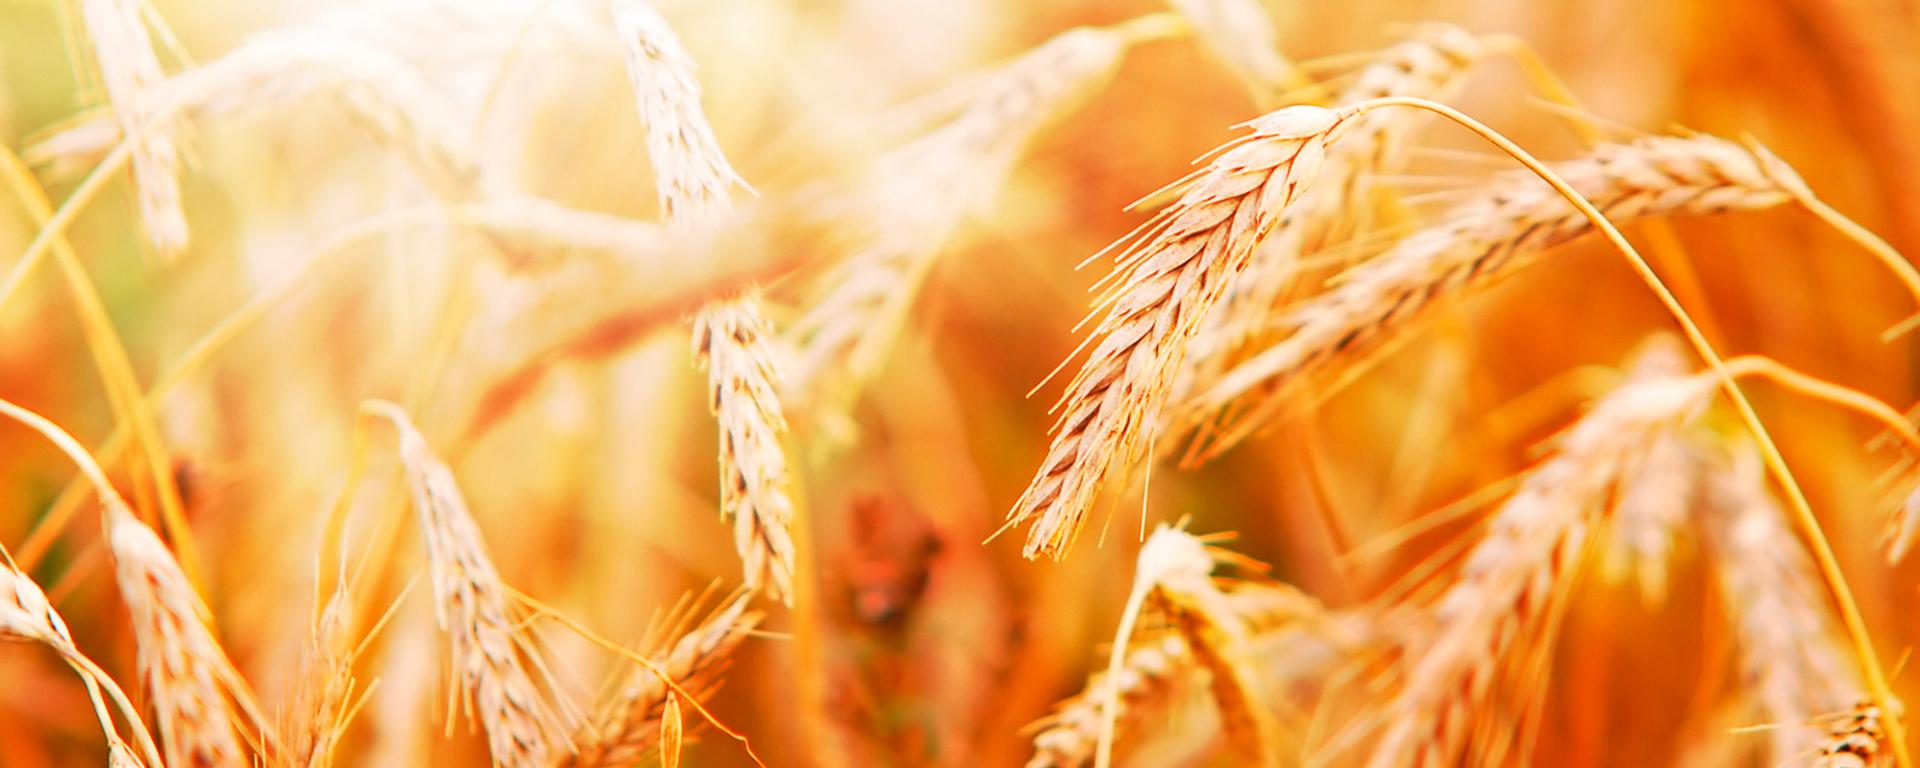 Conhecendo o trigo e a moagem – controle e garantia da qualidade